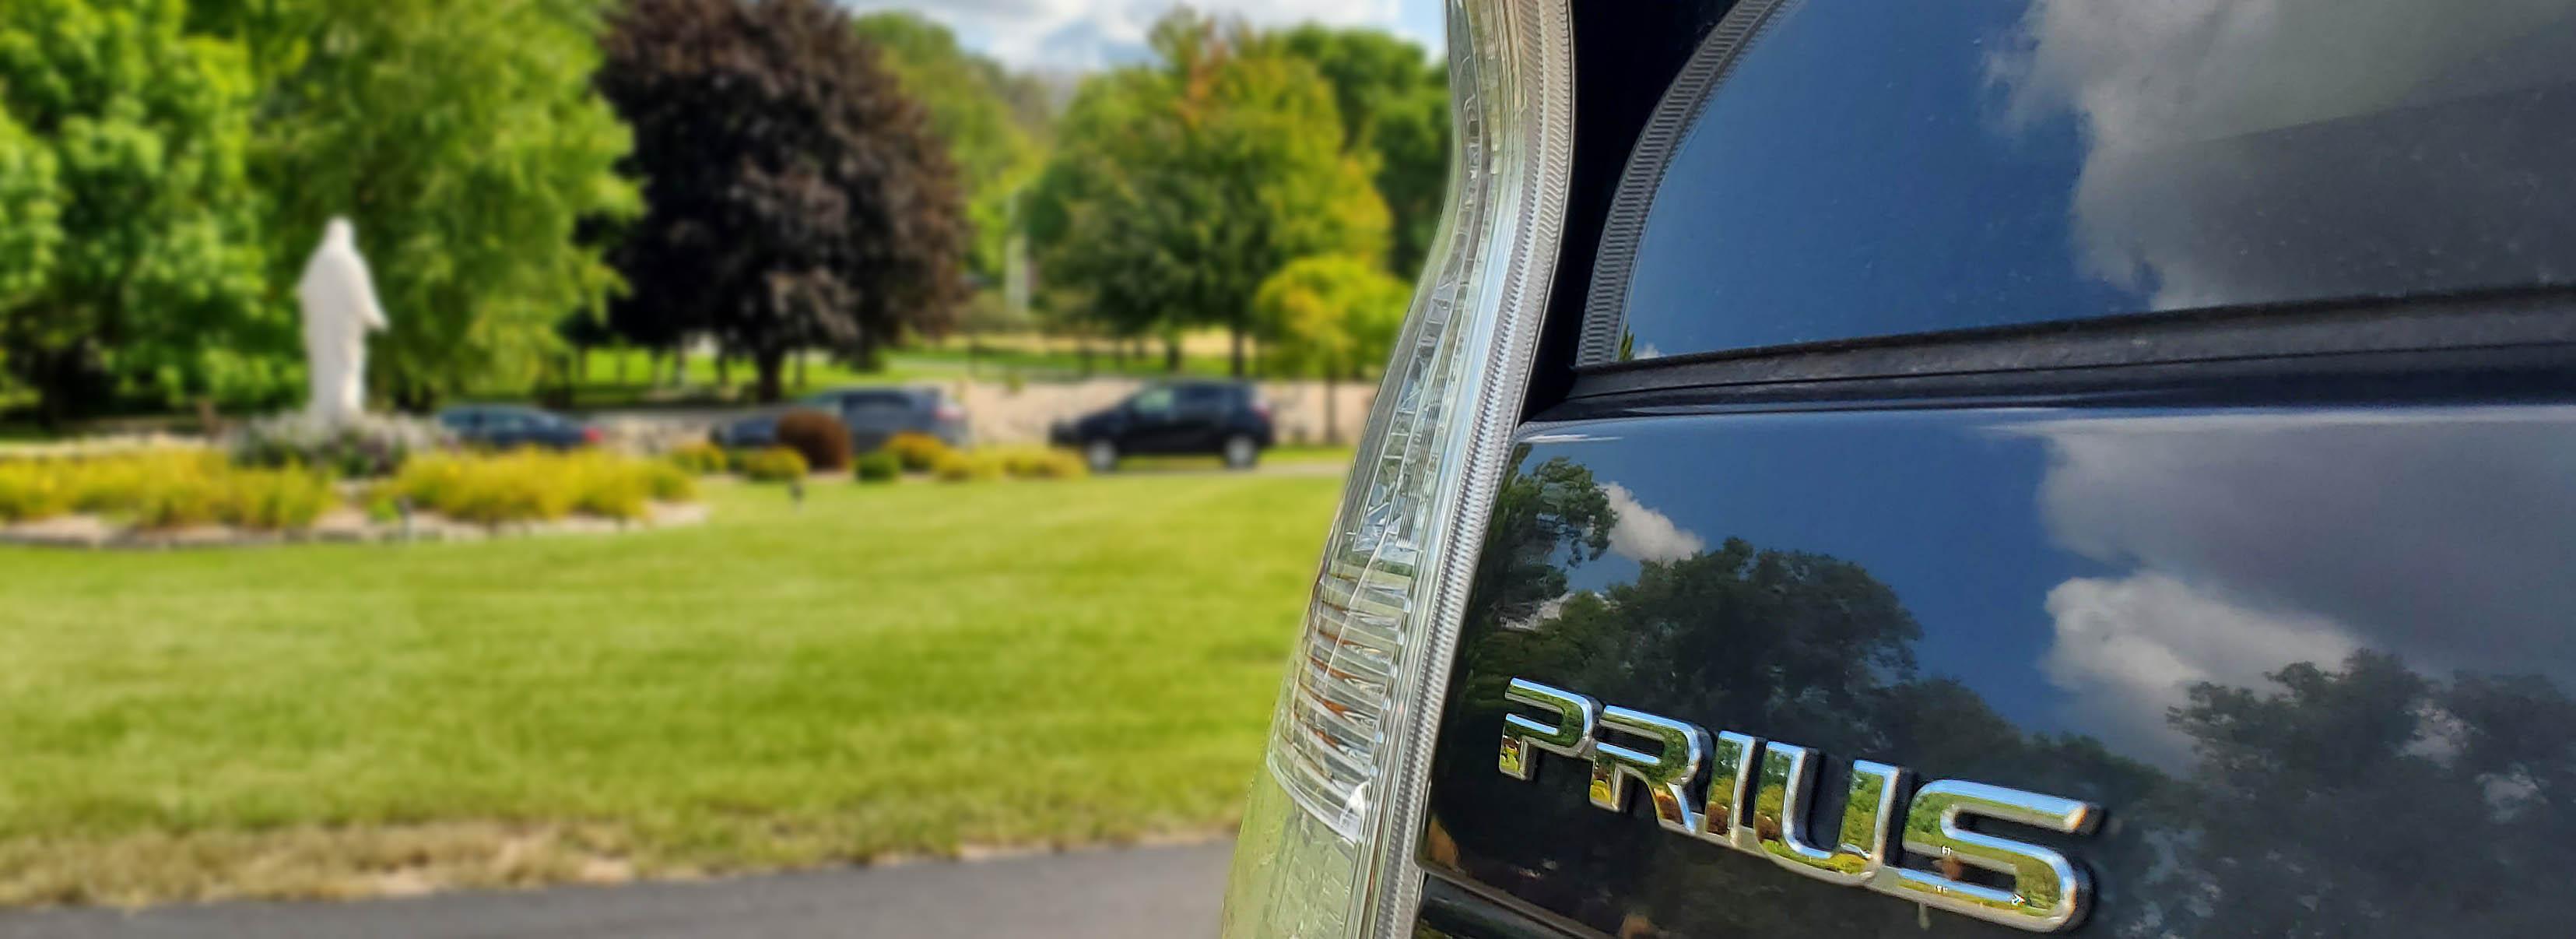 Image of Prius logo in motherhouse parking lot